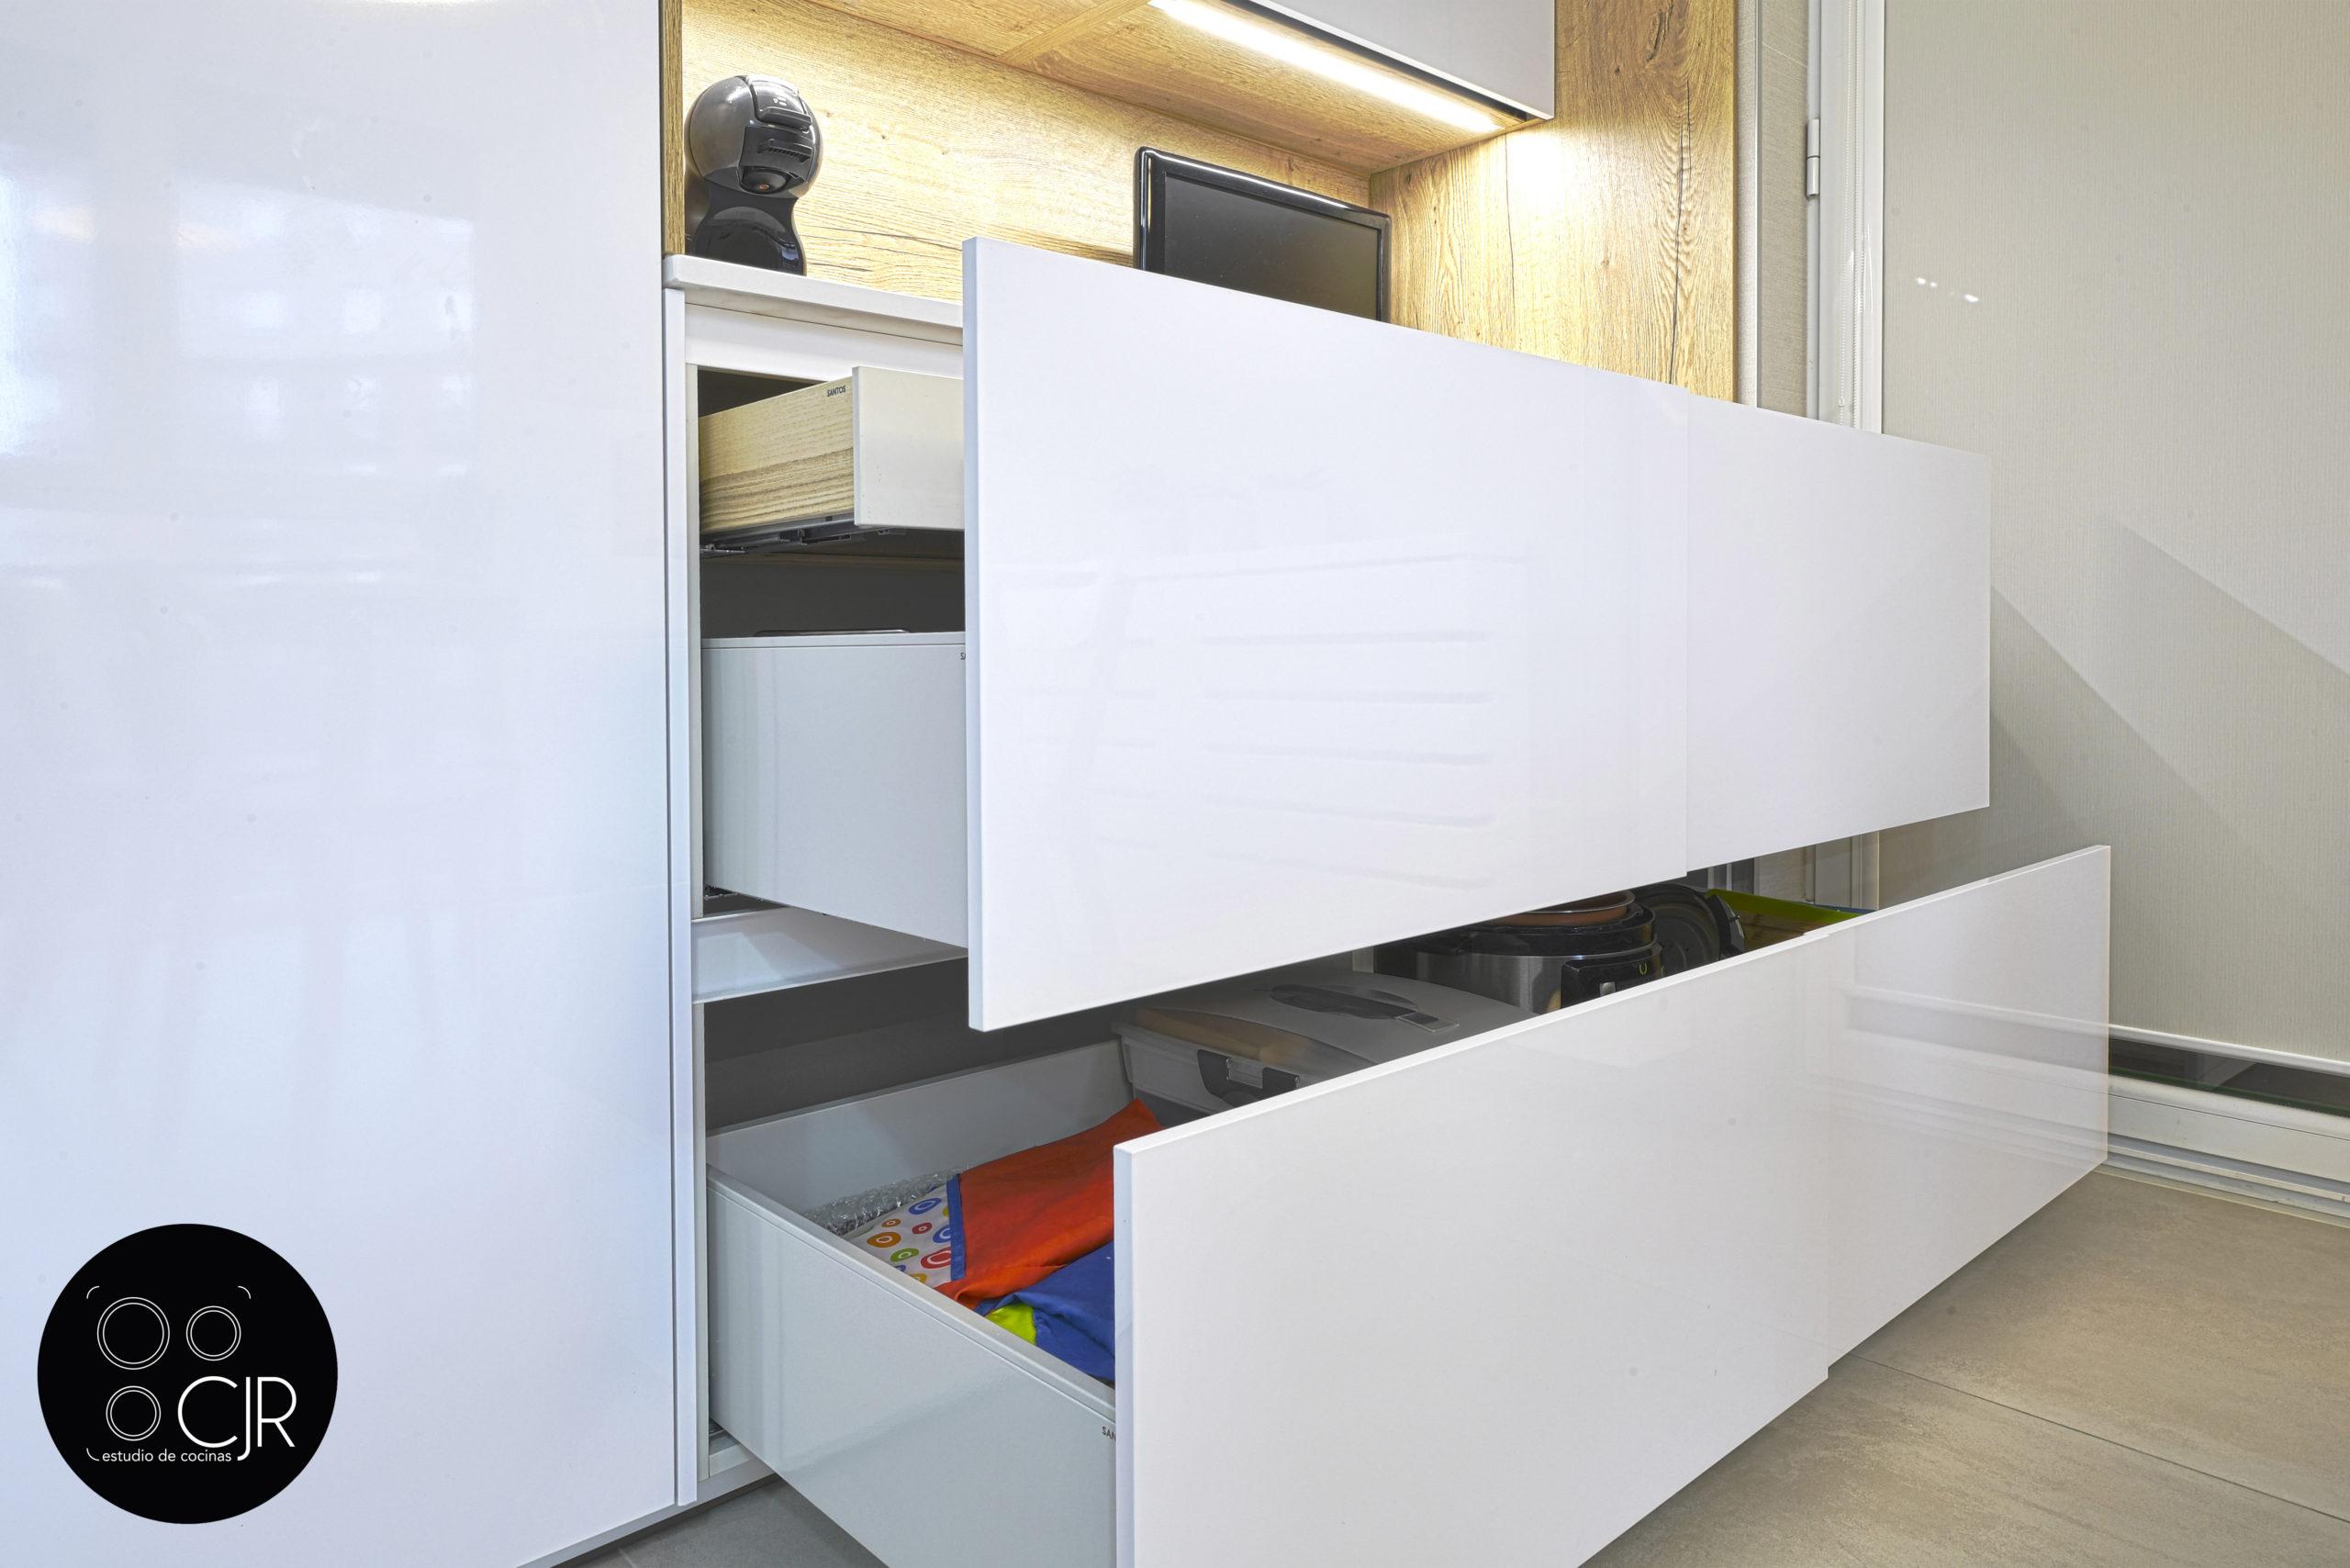 Cajones abiertos en cocina blanca y madera